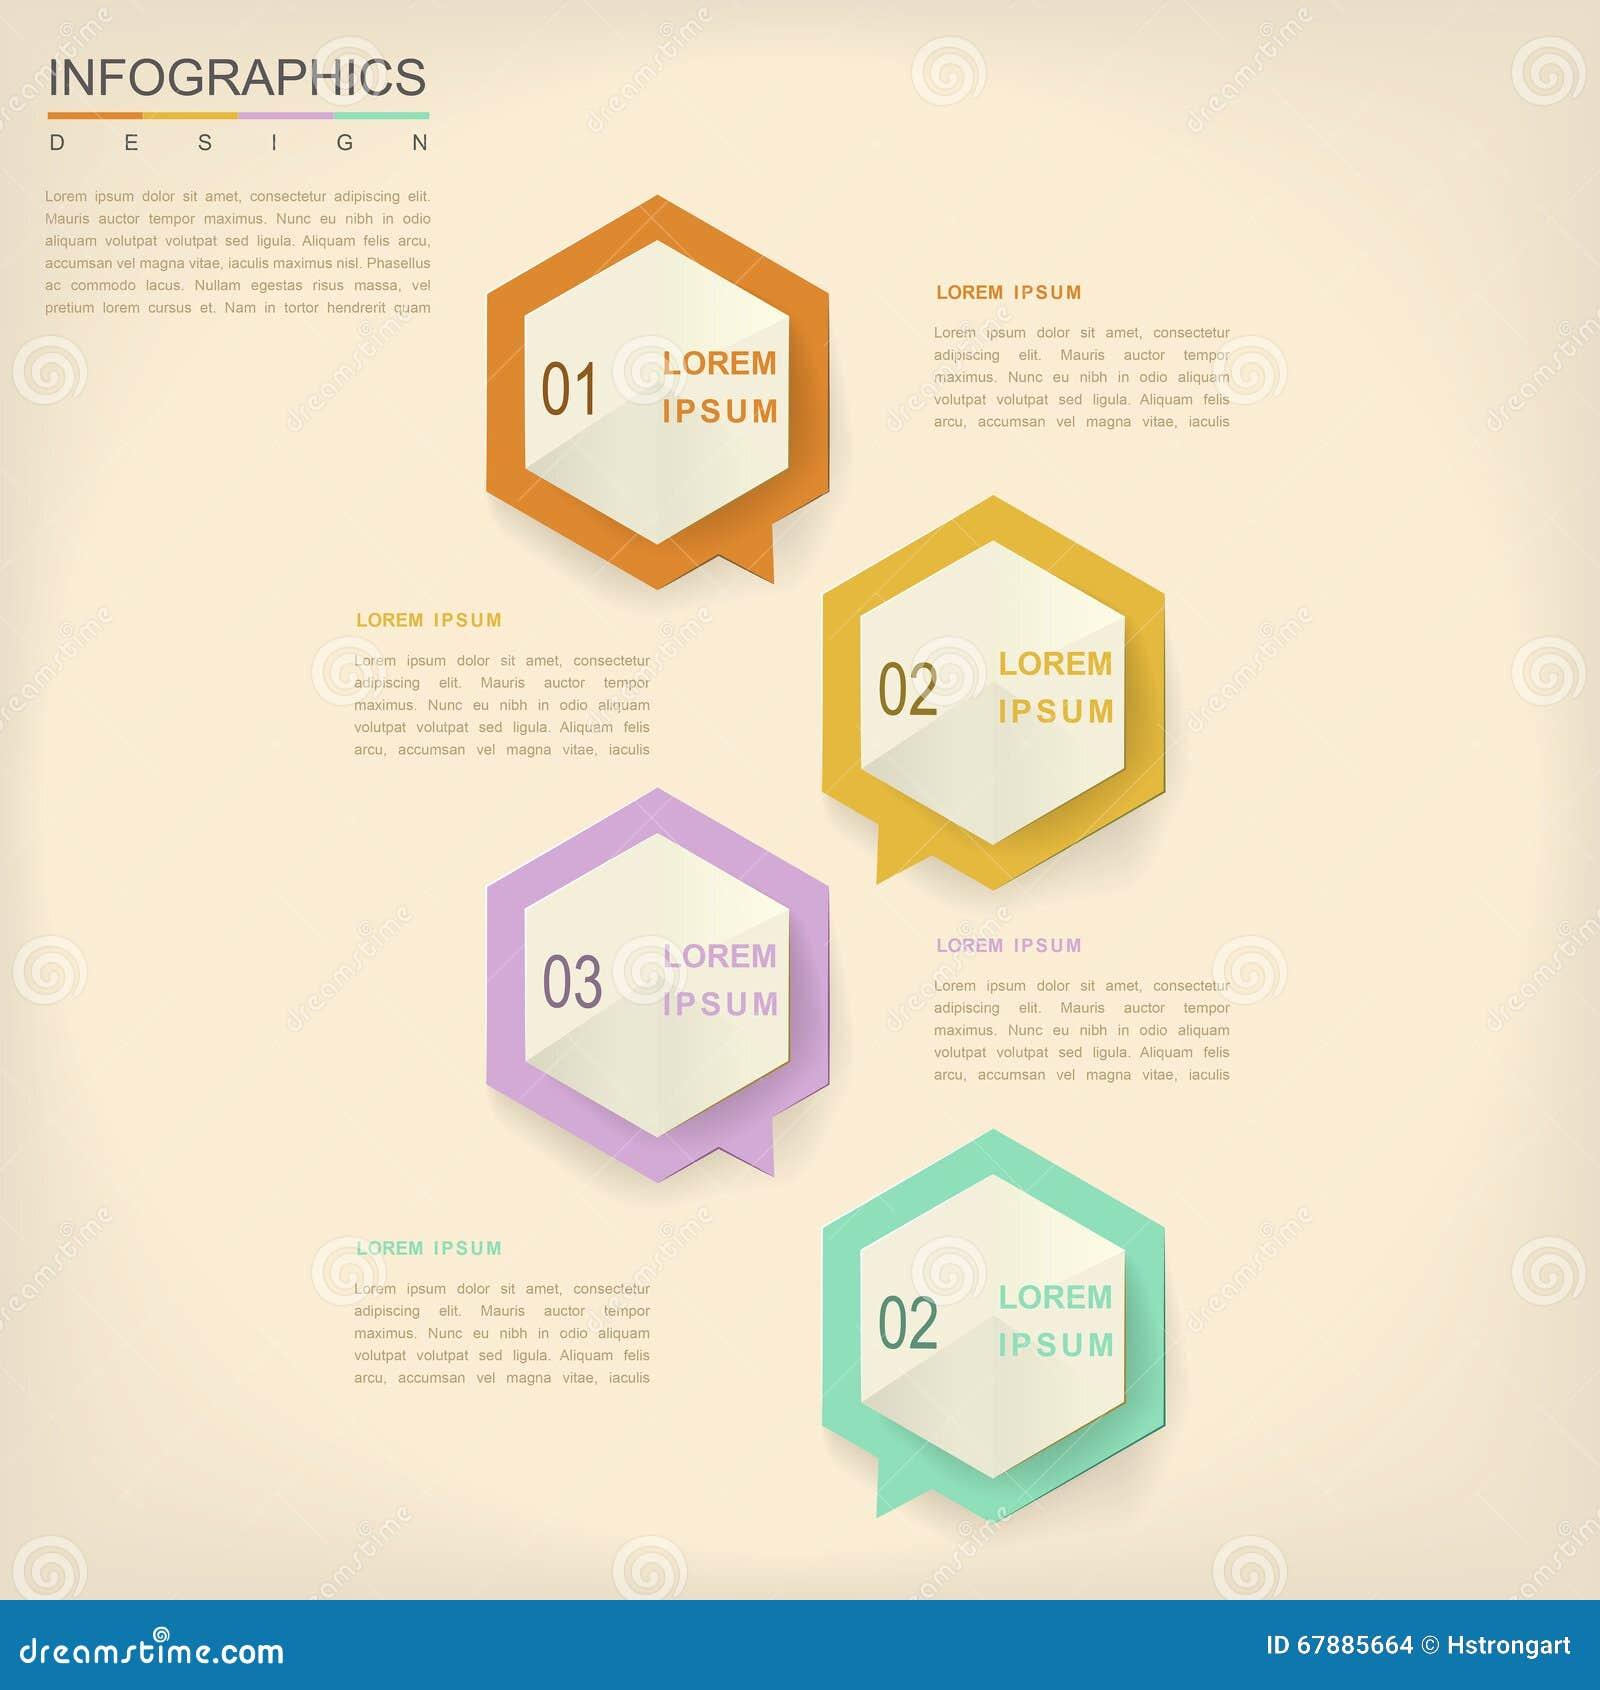 Infographic Design der Einfachheit